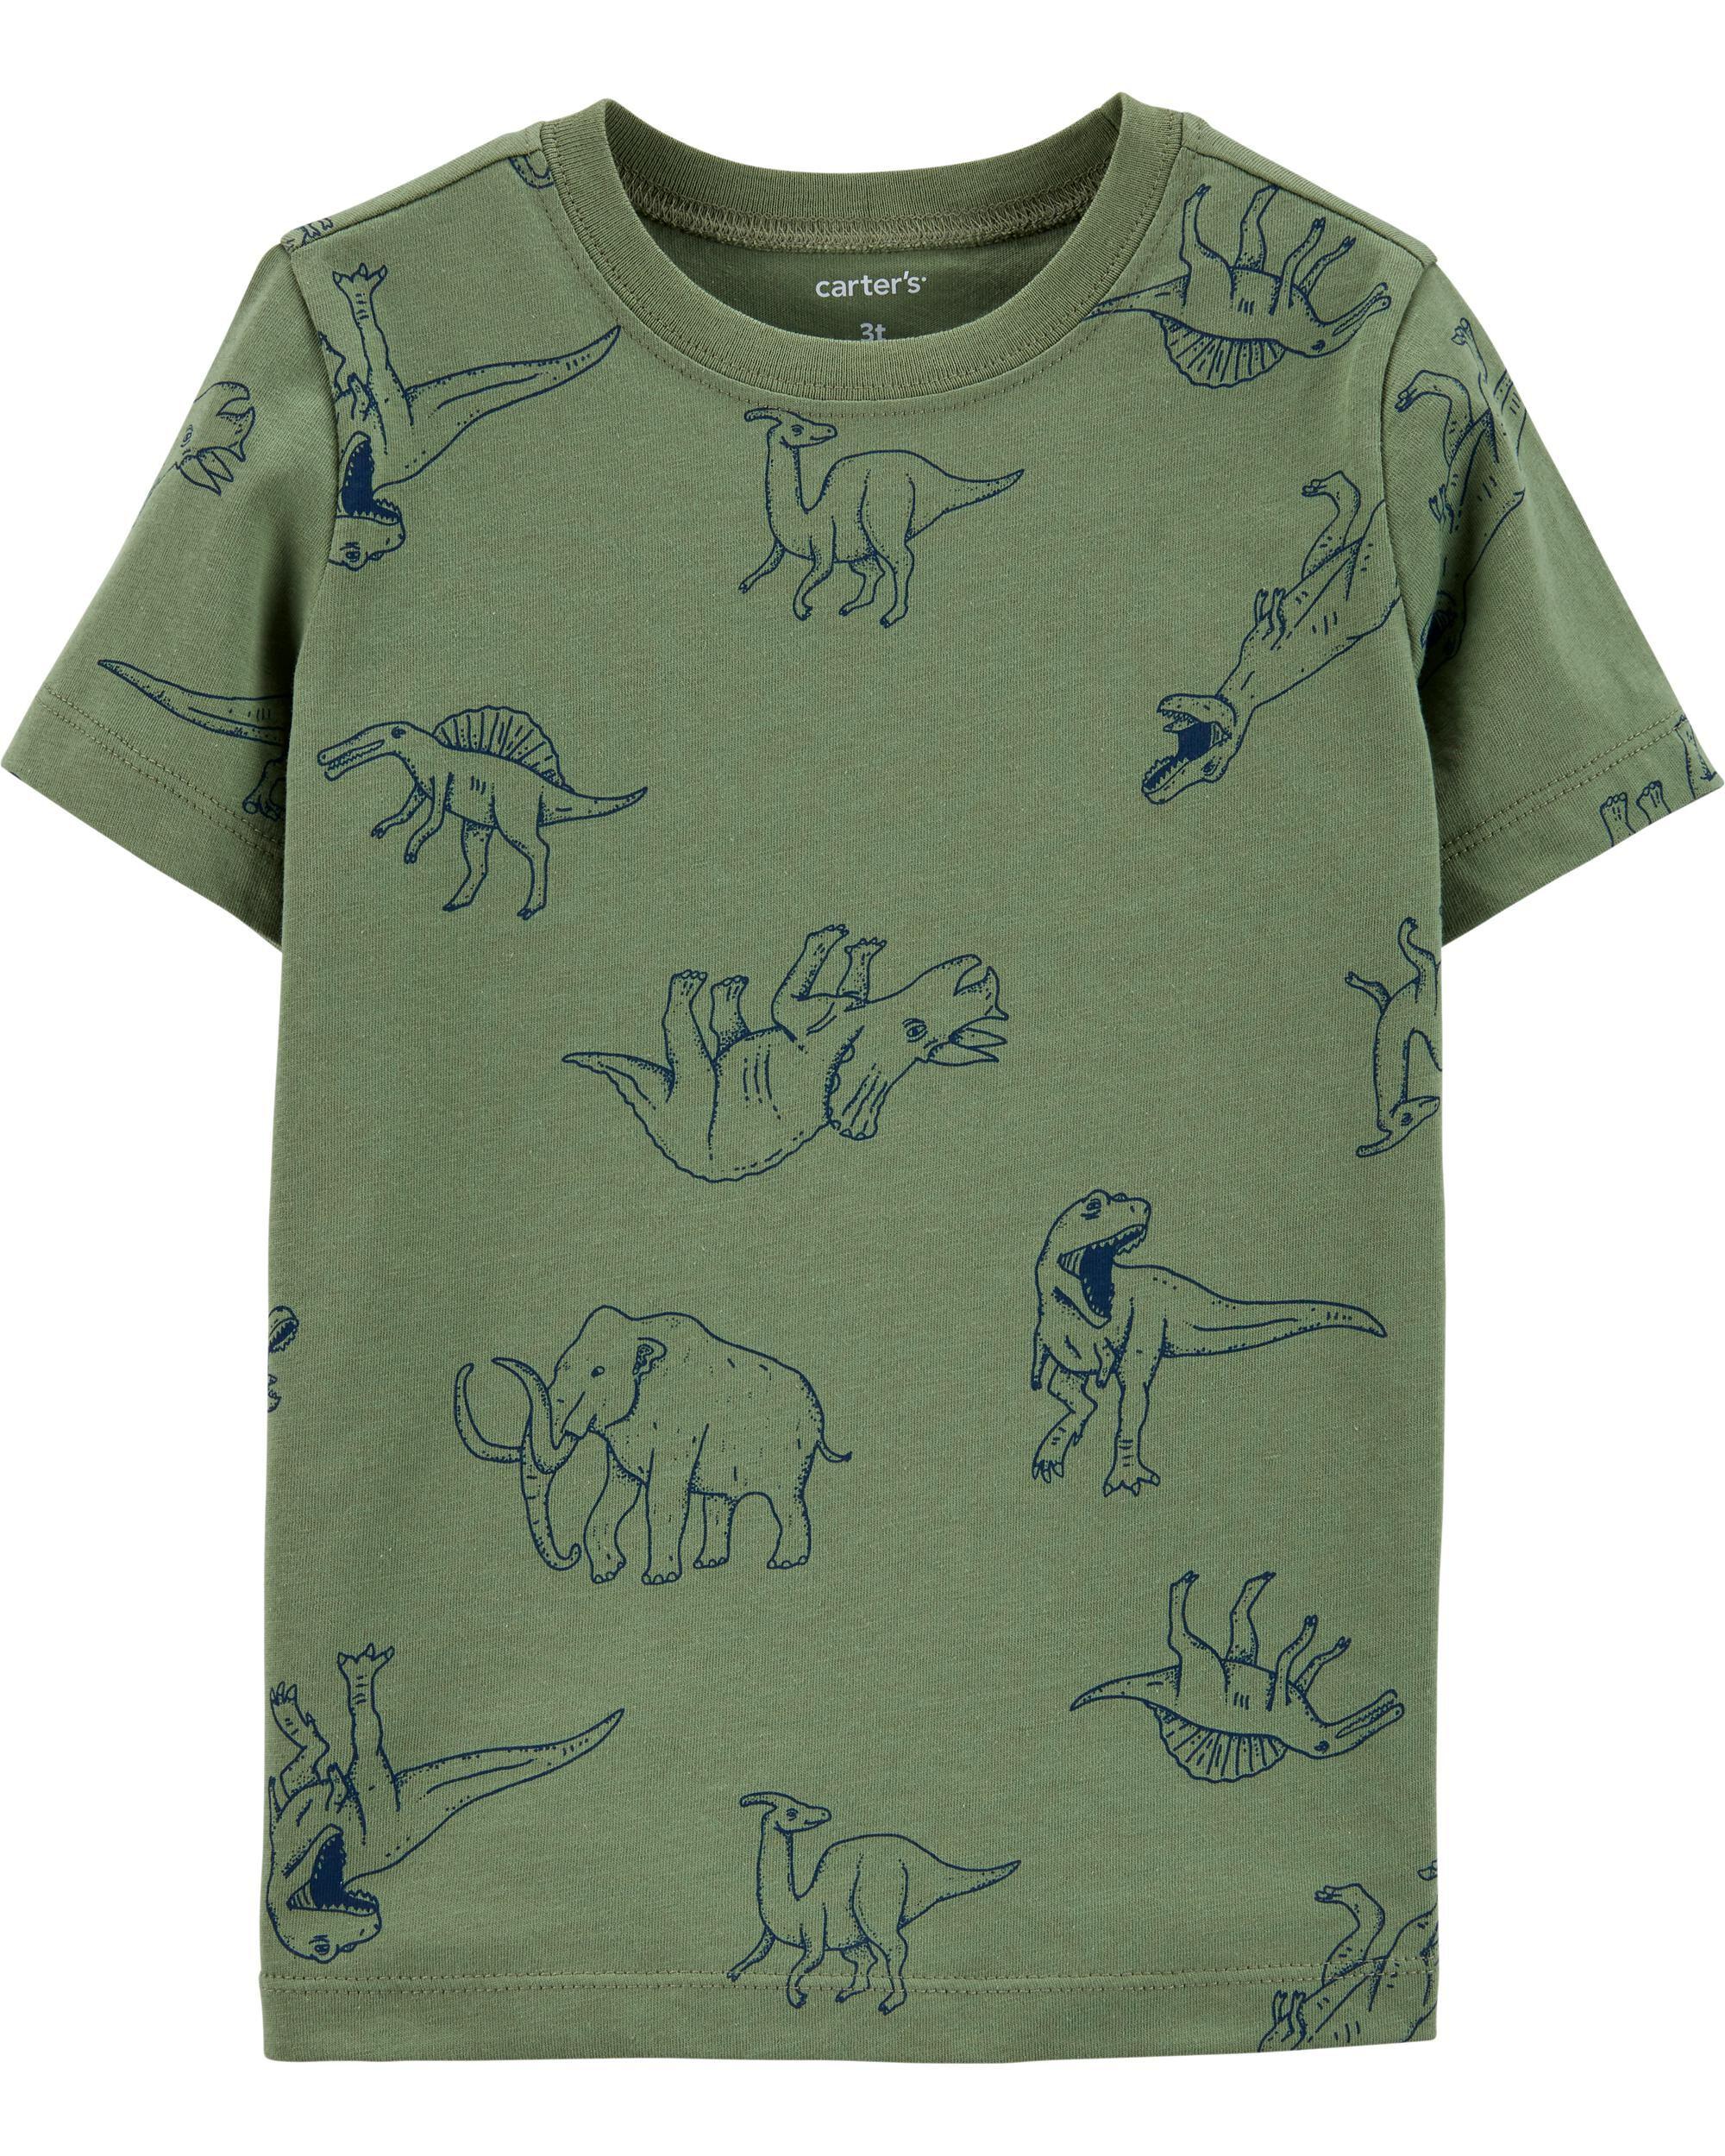 1 3 5 10 20 Pack Childrens Infants Plain T Shirt White Kids Short Sleeve Top Lot